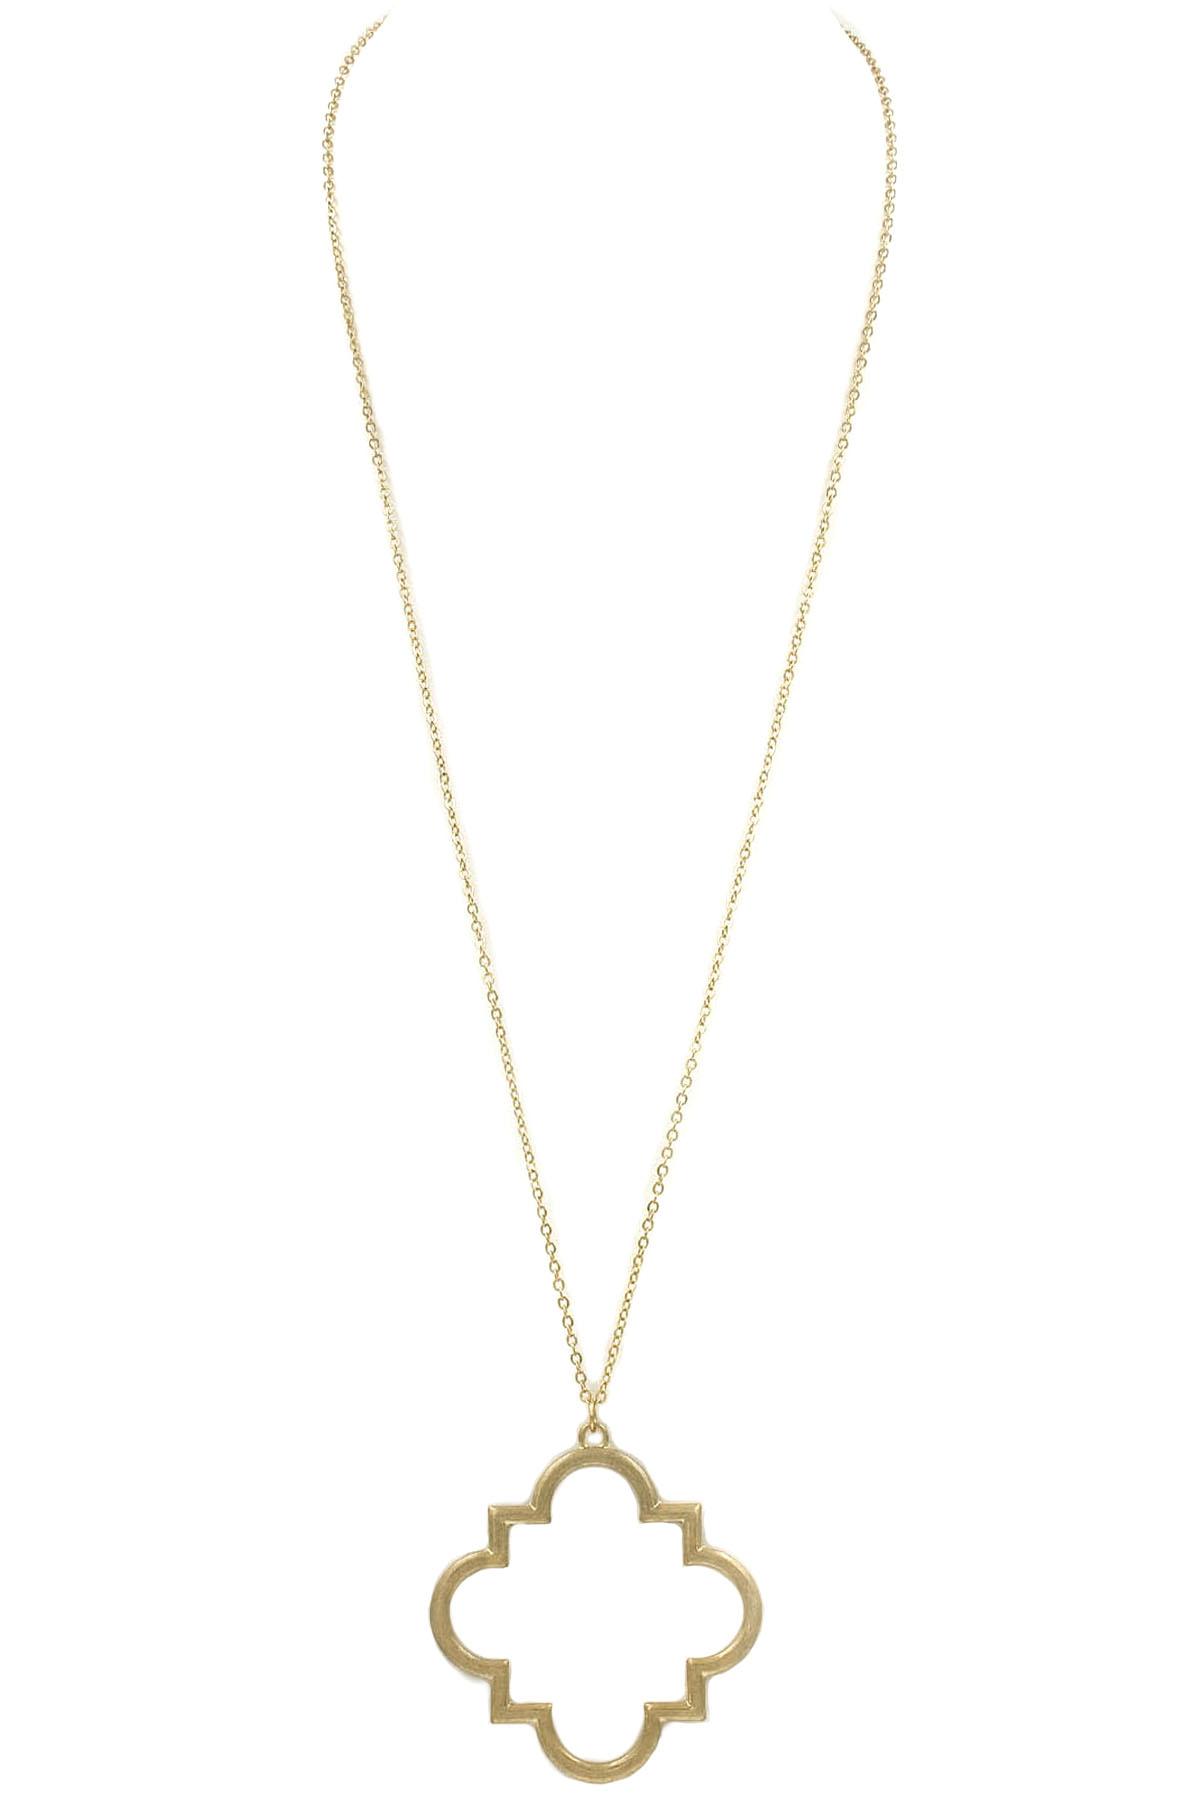 Metal quatrefoil pendant necklace necklaces metal quatrefoil pendant necklace aloadofball Choice Image